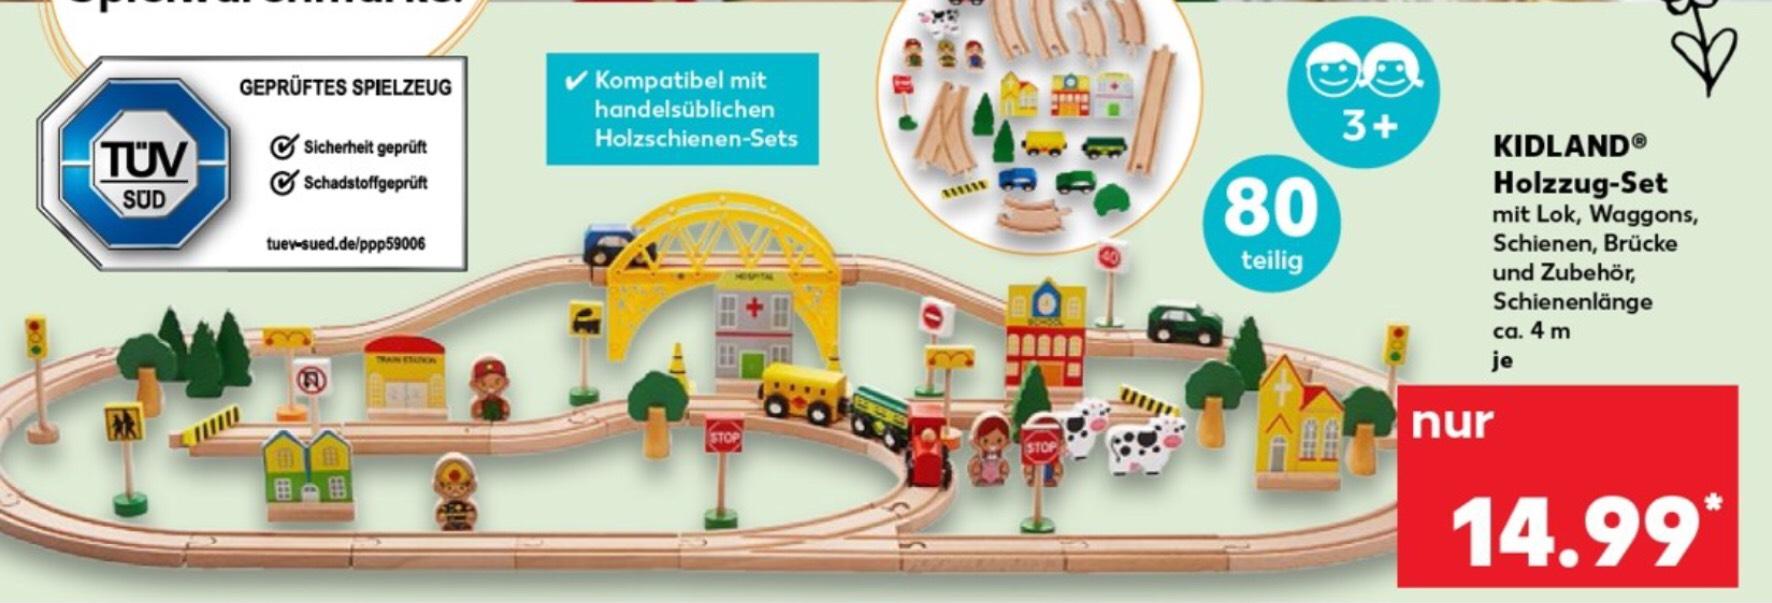 Kaufland ab Donnerstag 07.03.19 Holzzug Set Kidland 80 teilig kompatibel mit handelsüblichen Sets & Holzmemo (3,99€) gratis dazu